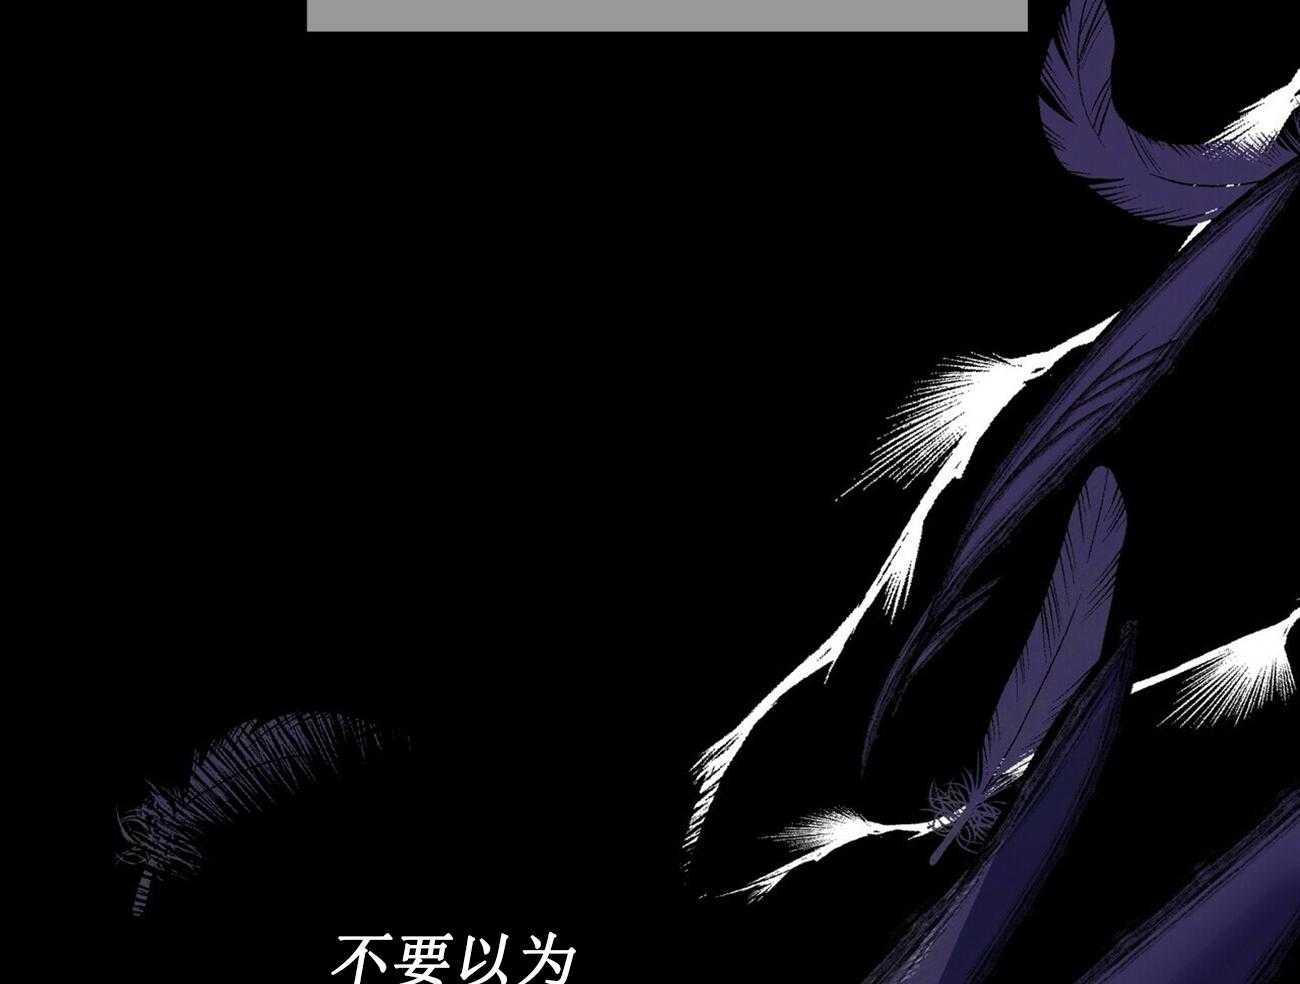 我偷走了恶魔的名字-免费漫画在线观看_下拉式阅读汉化版-啵乐漫画